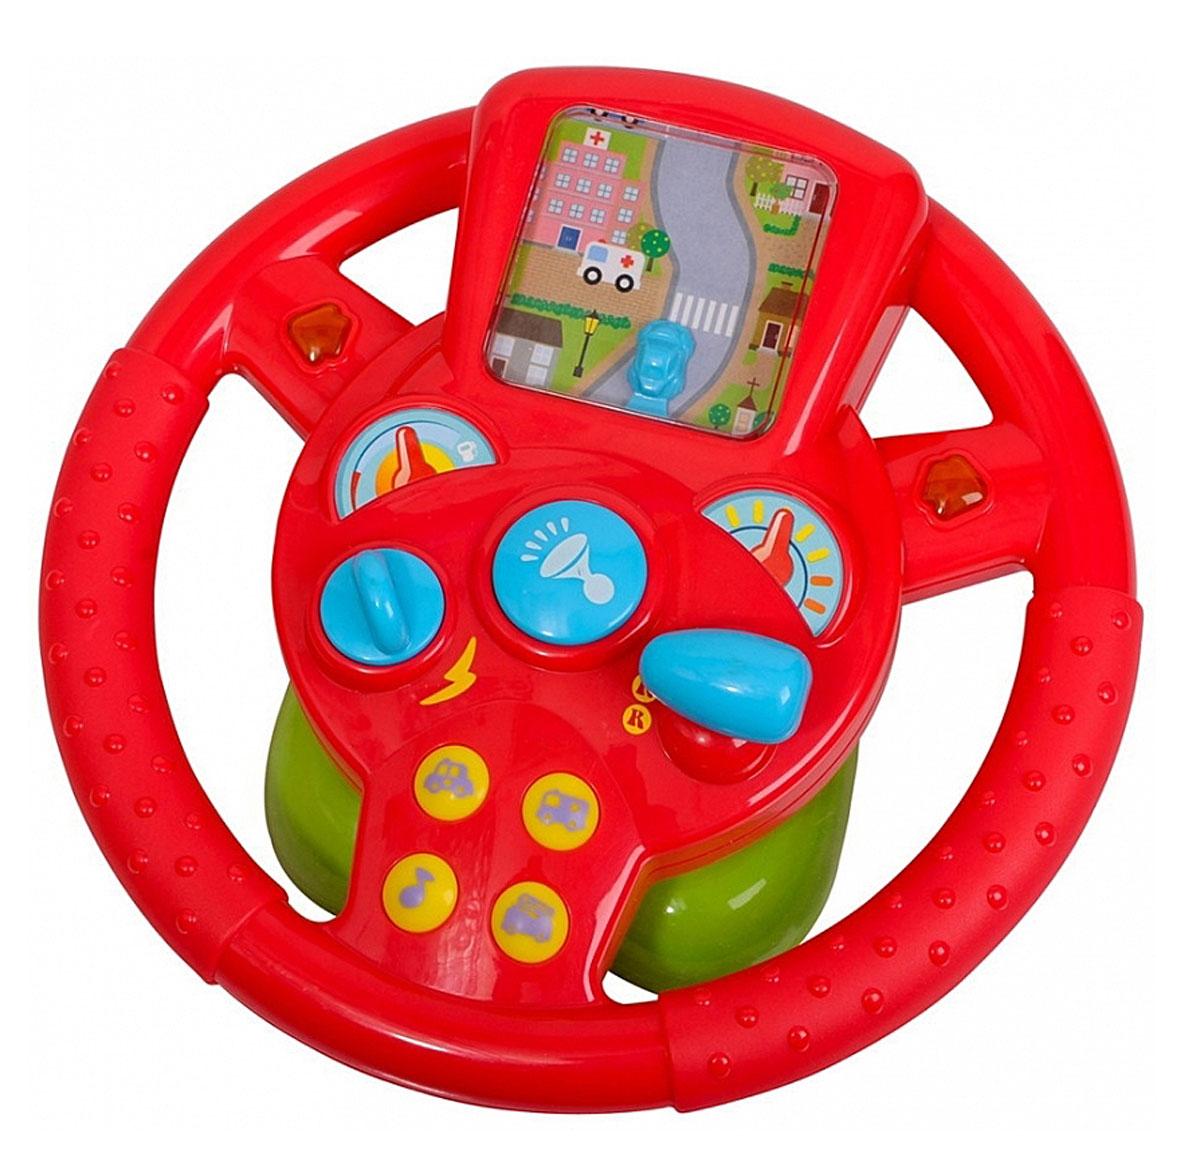 Playgo Игровой центр ВодительPlay 2456Игровой центр Playgo Водитель надолго займет вашего маленького автолюбителя. Игрушка выполнена в виде большого красного руля на удобной панели. Руль дополнен клаксоном, рычагами и кнопочками для включения разных звуковых сигналов. При включении игрушки мигают боковые стрелки. Руль дополнен динамичной игрой: под прозрачным пластиком имеется маленькая машинка, которая едет по извилистой дороге. Управлять машинкой можно с помощью поворачивания руля. Игрушка развивает координацию движений, тактильные навыки и мелкую моторику рук ребенка, а издаваемые звуки будут активно стимулировать слух малыша. Рекомендуется докупить 3 батарейки типа АА (комплектуется демонстрационными).